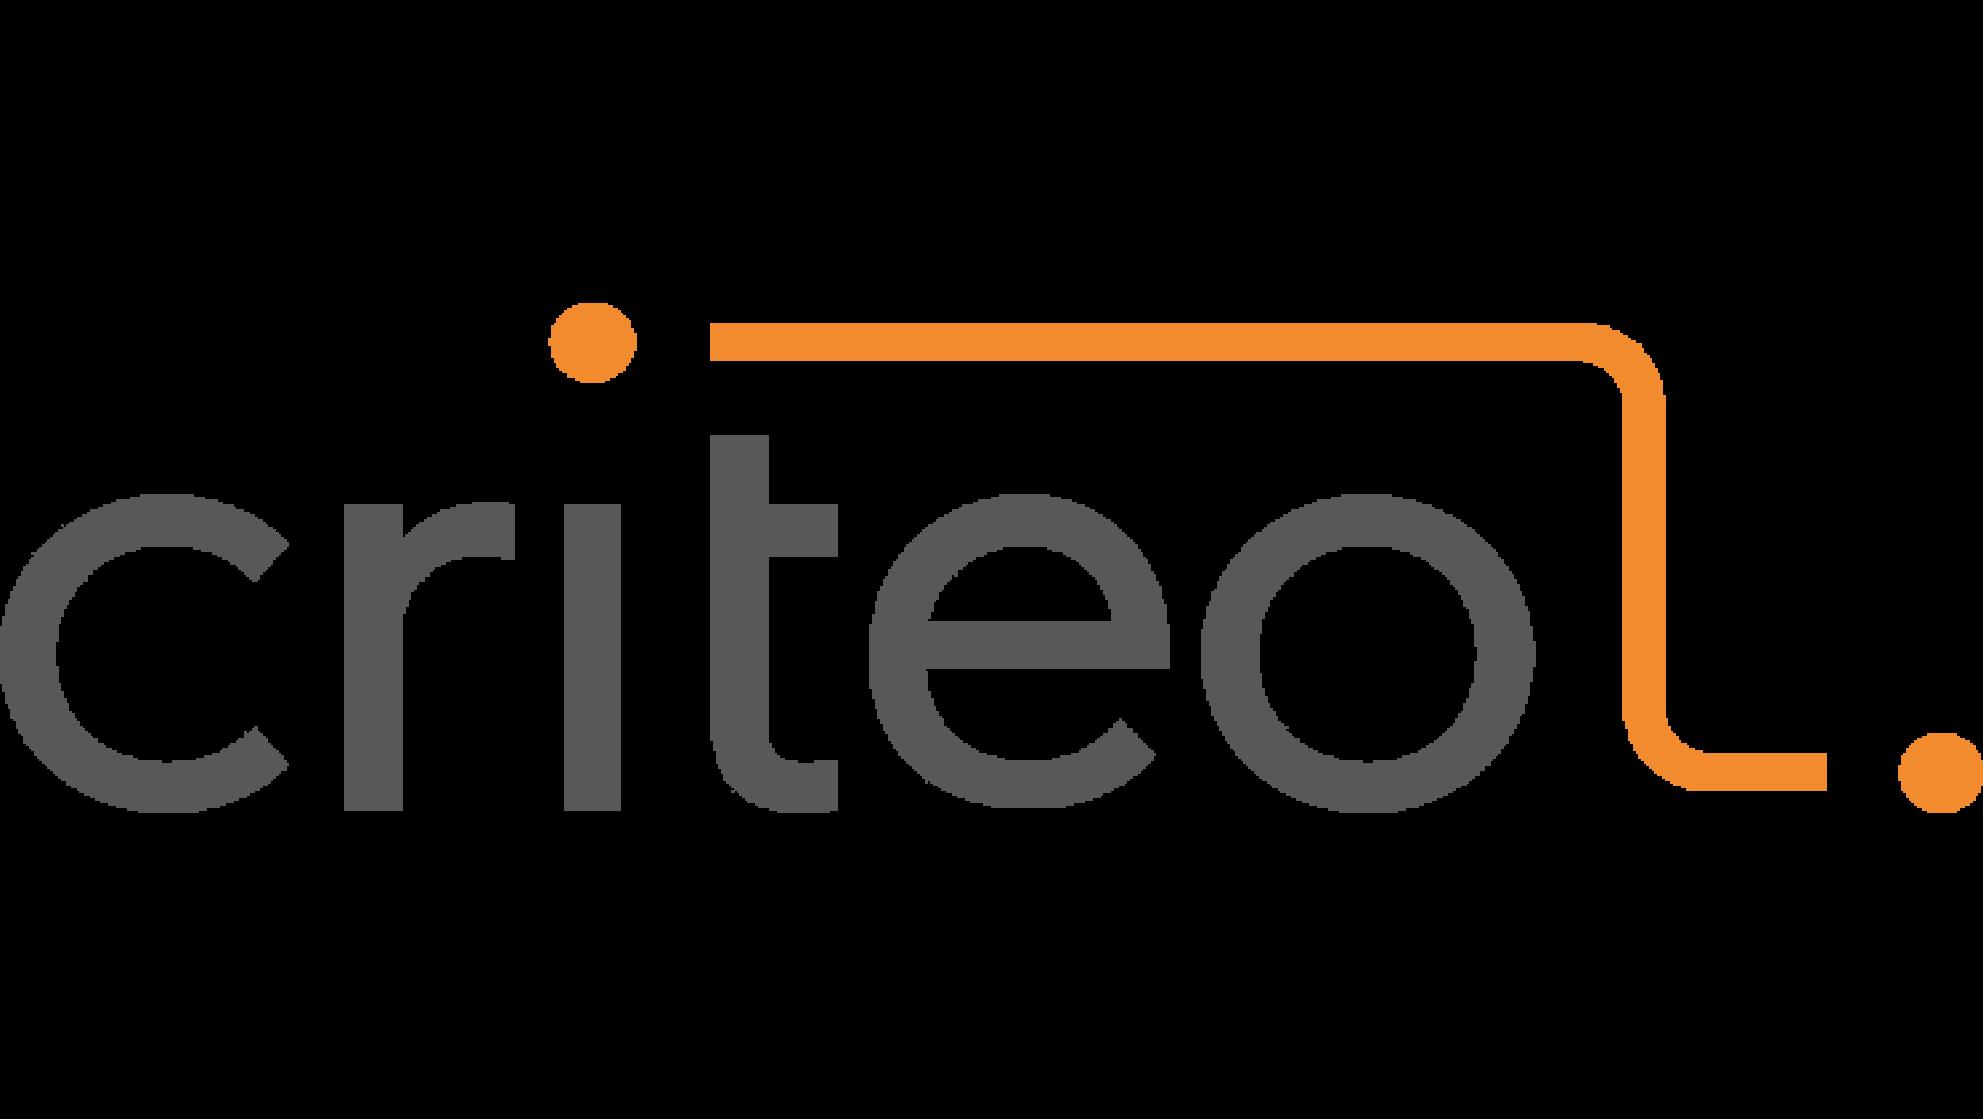 criteo-header